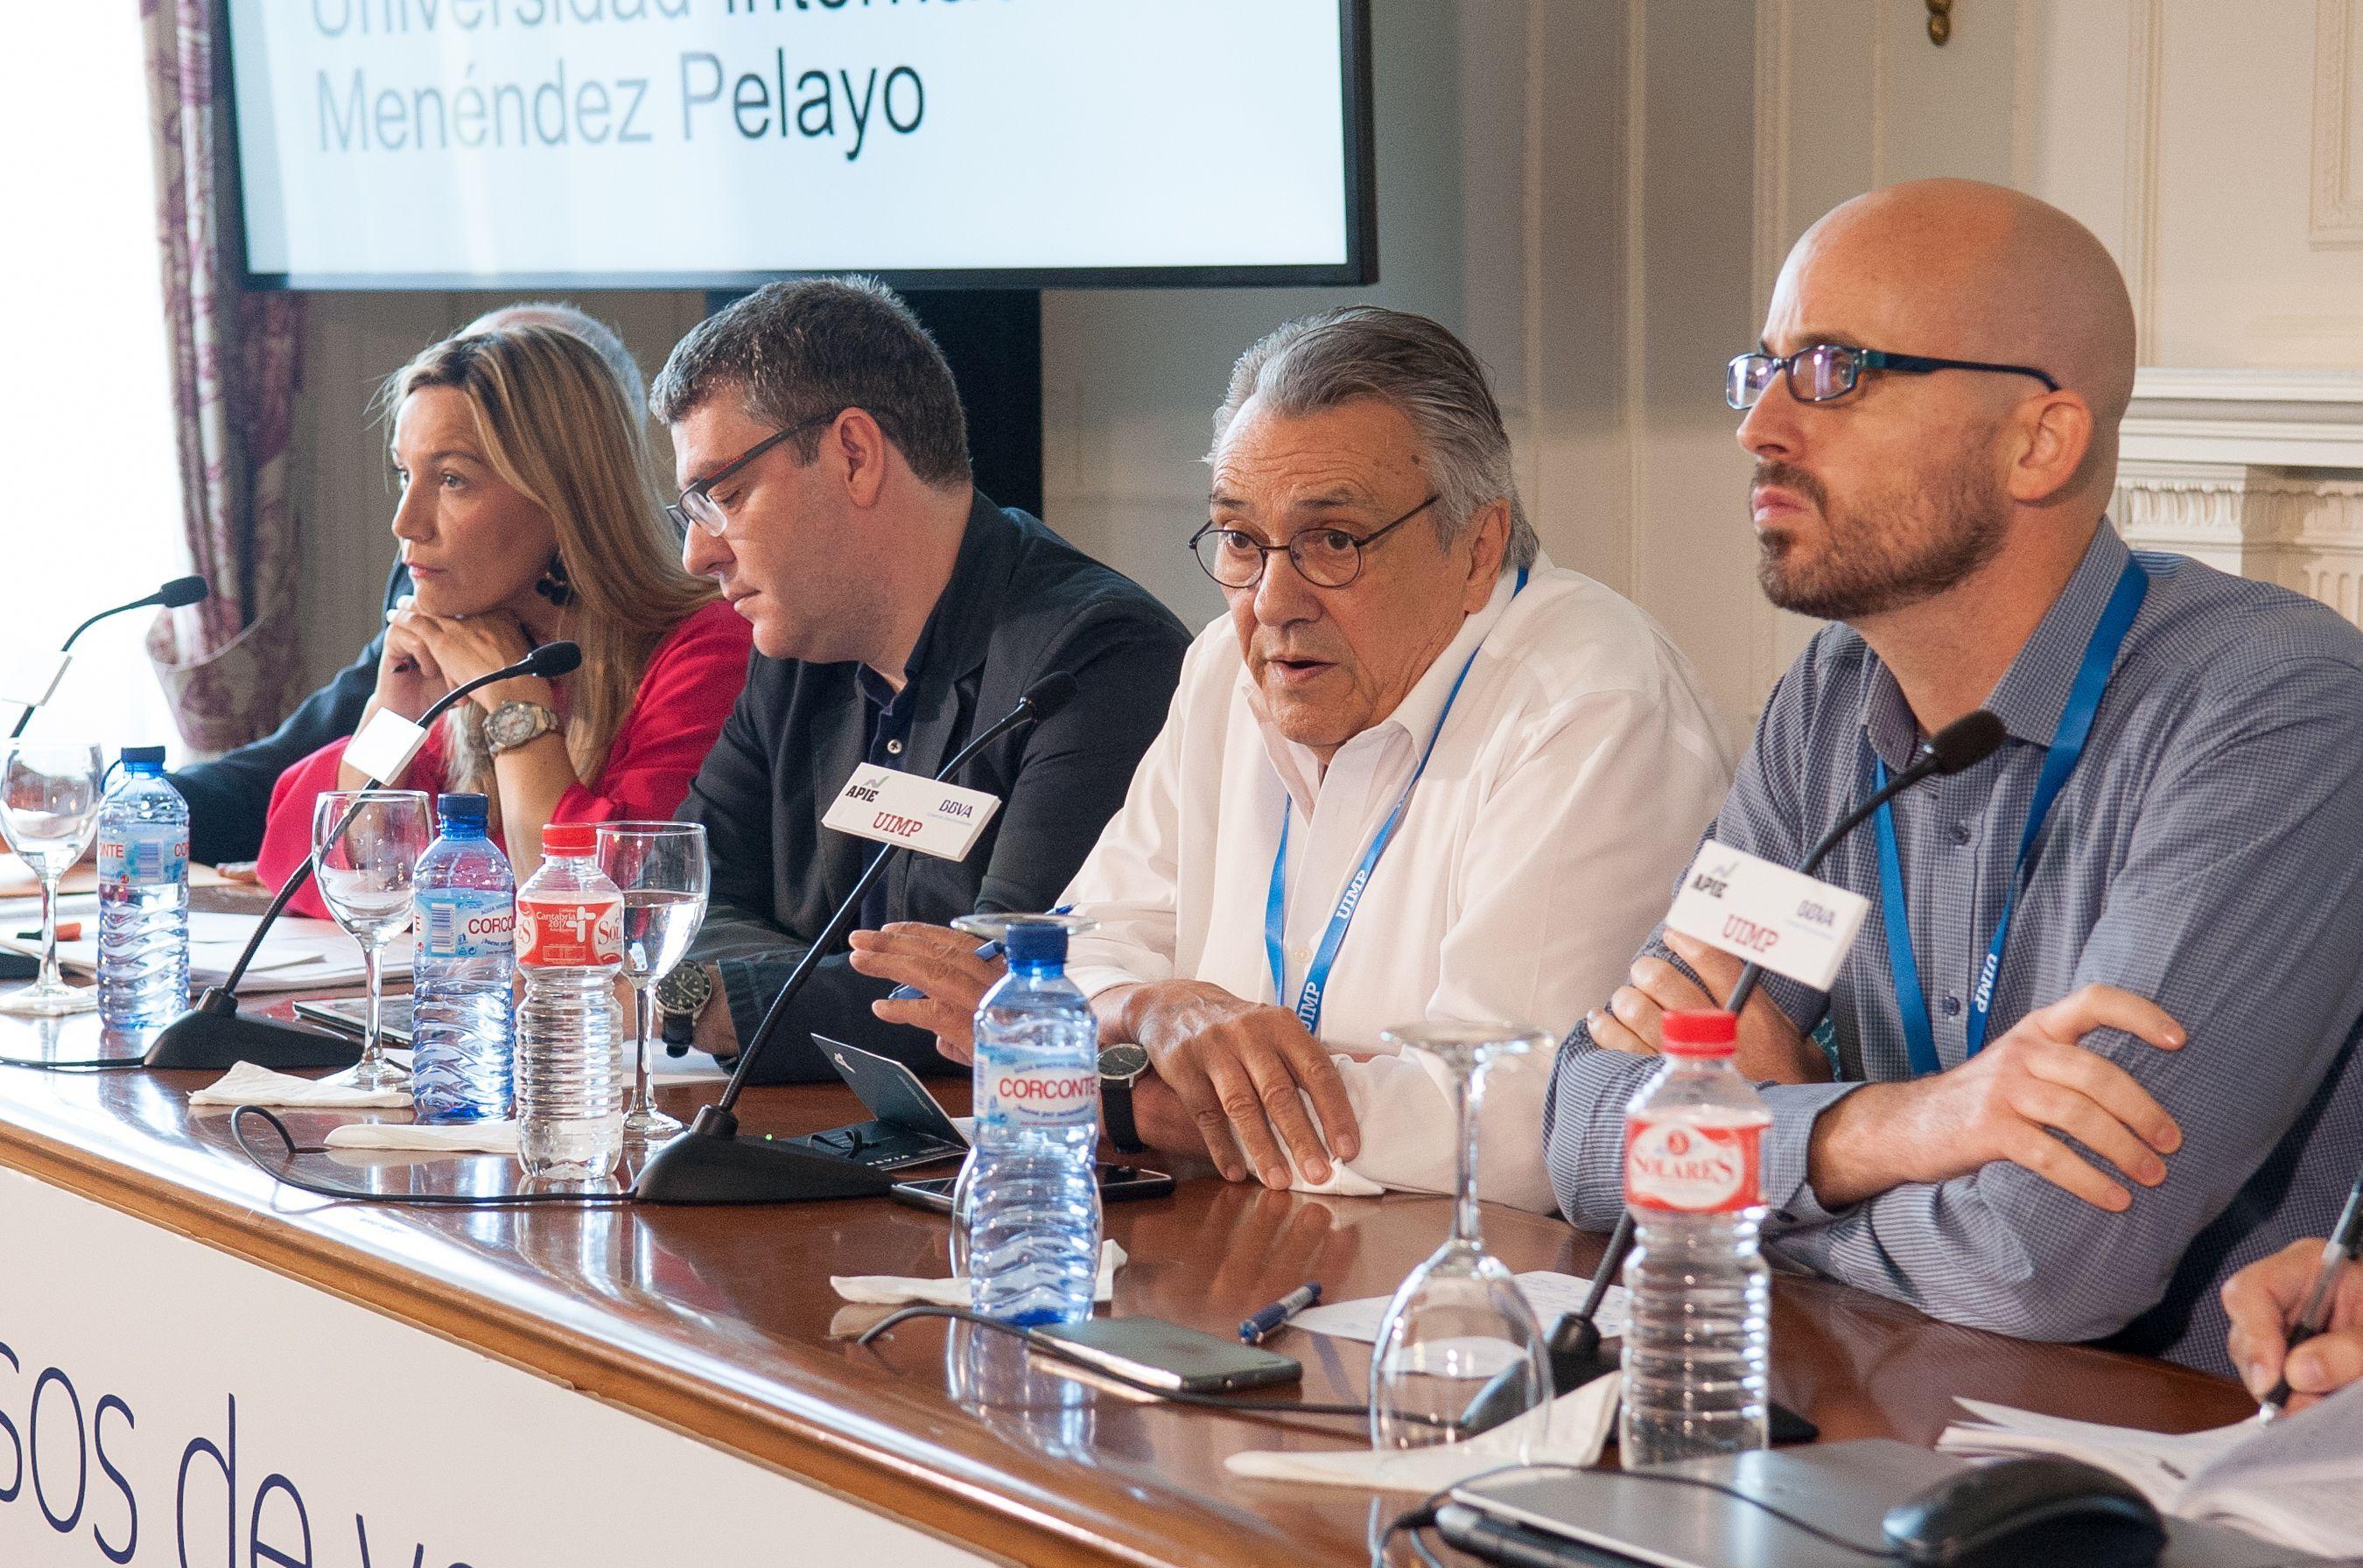 De izquierda a derecha, Susana Solís (Ciudadanos), Álvaro Nadal (Partido Popular), Manu Escudero (PSOE), y Nacho Álvarez (Podemos), durante el debate político organizado en el Curso de Economía de APIE en la UIMP de Santander.